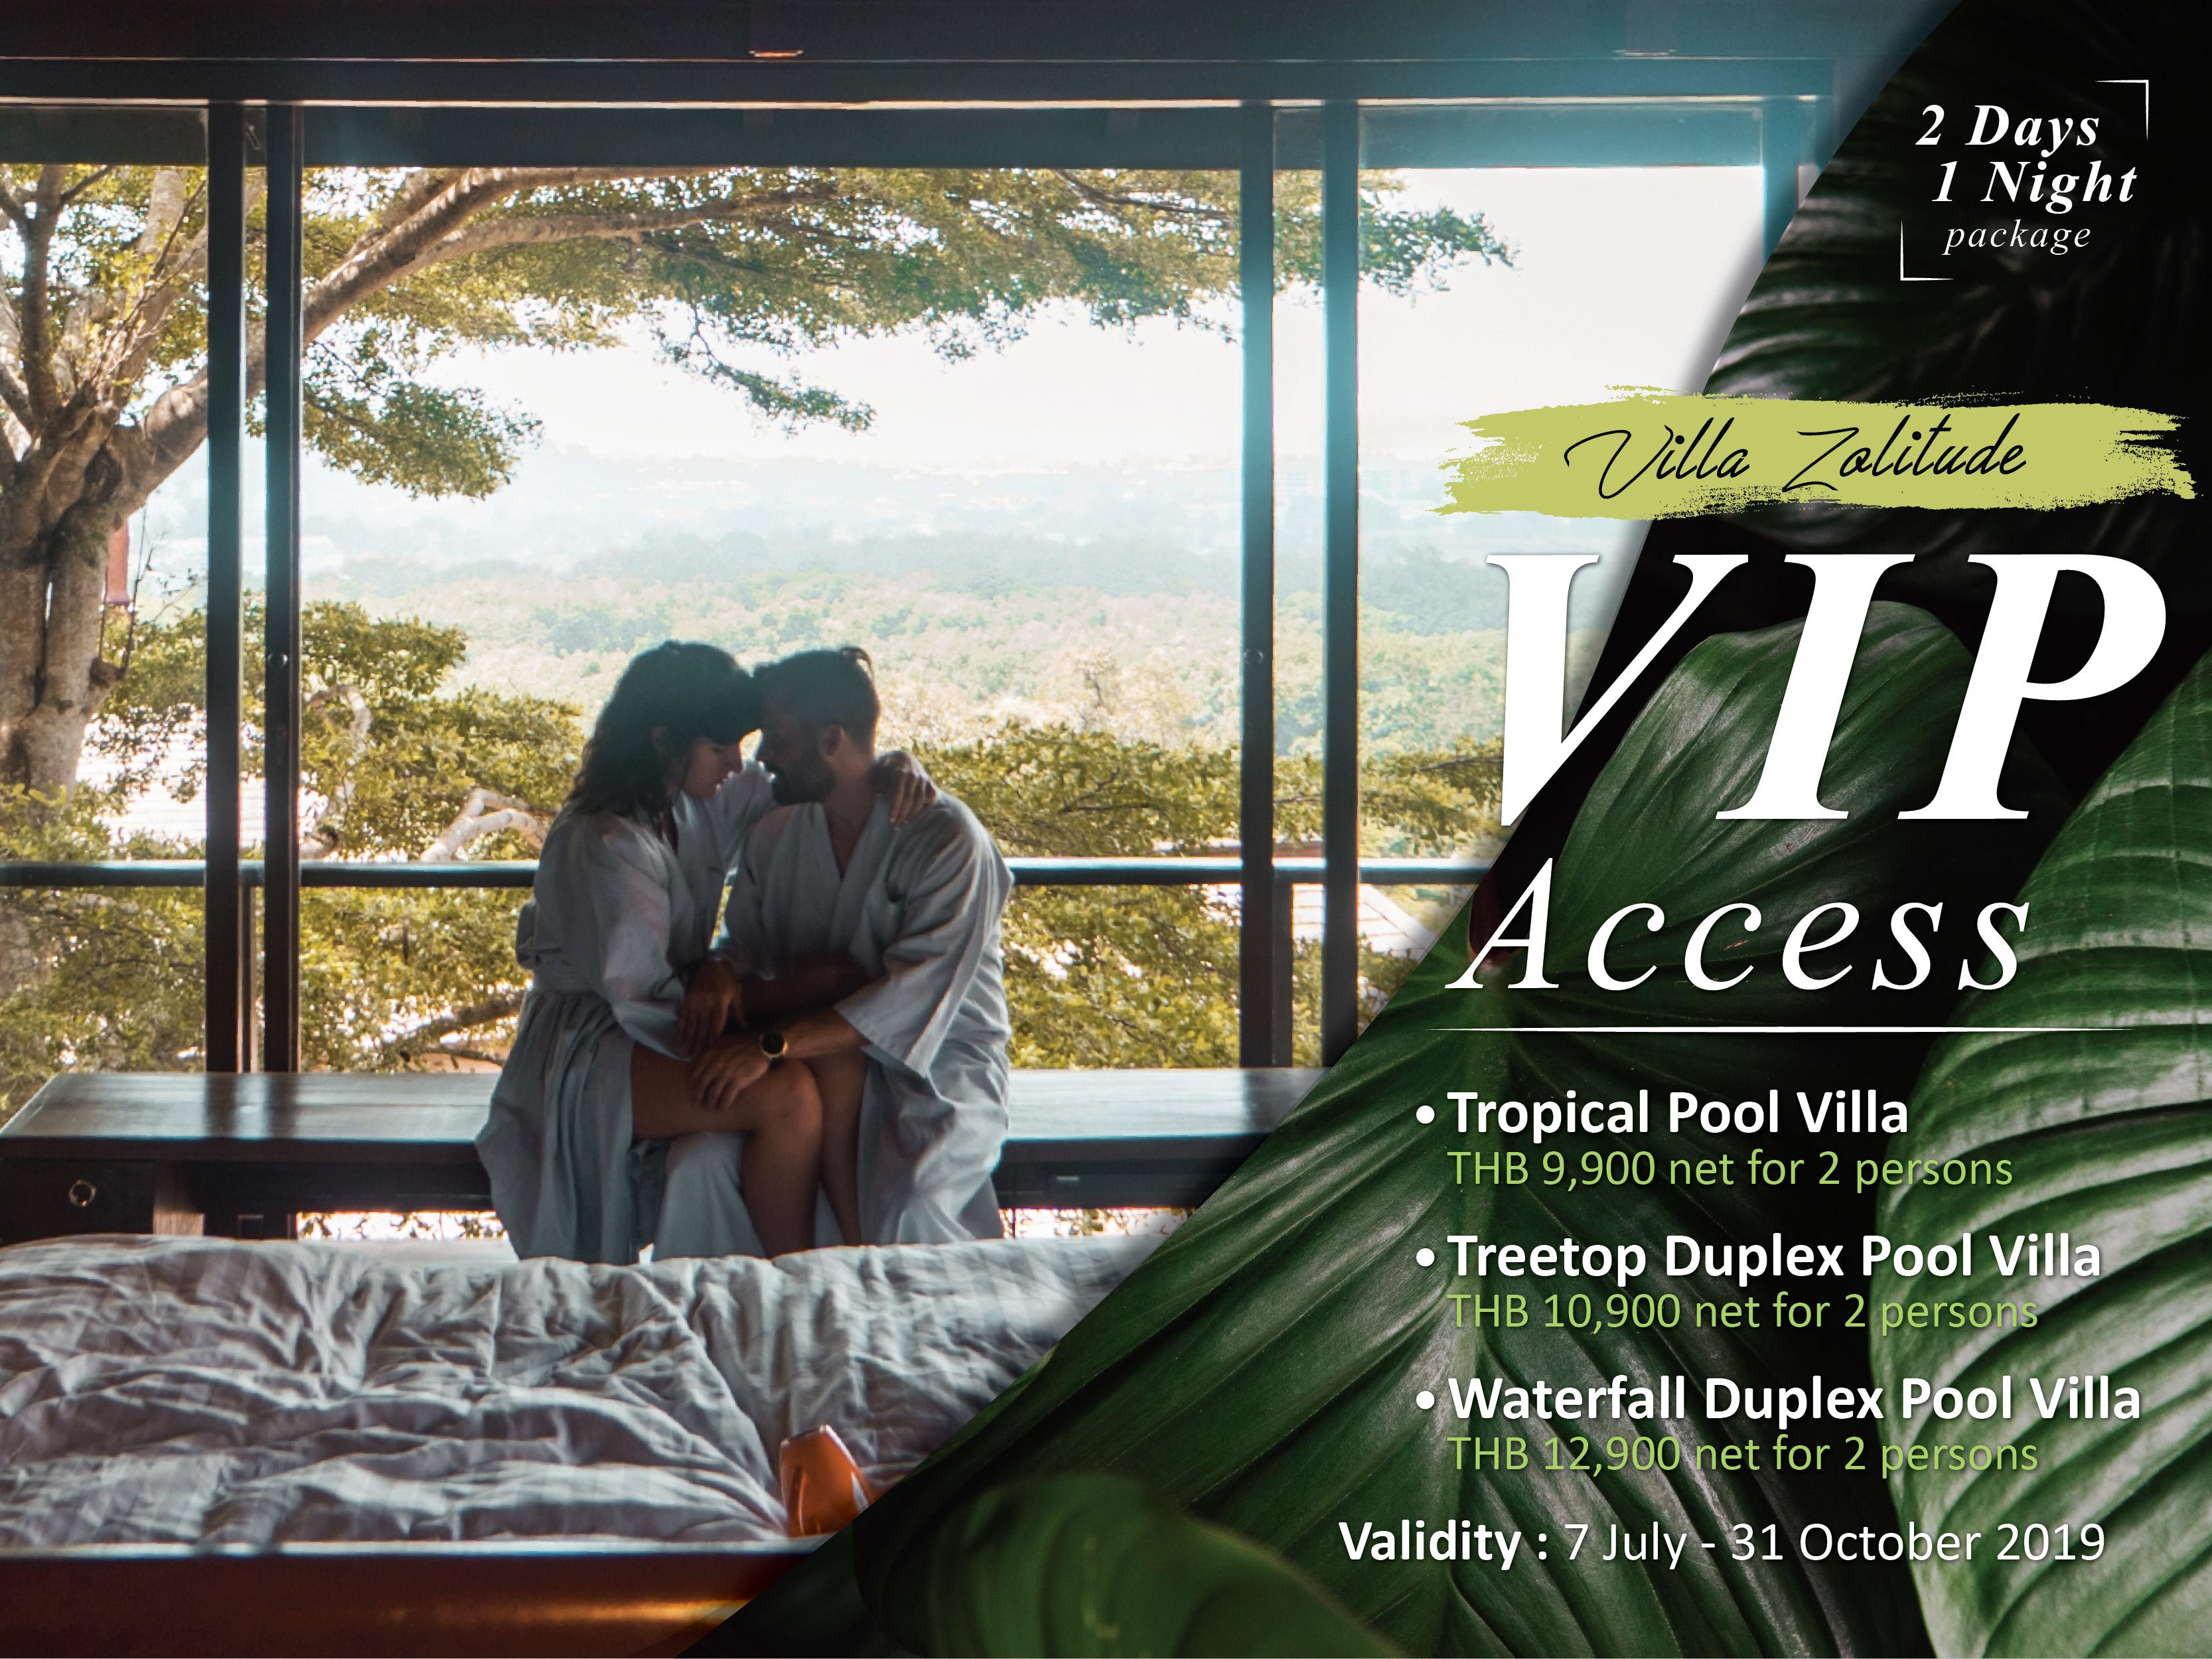 Pool Villa Resorts in Phuket - Villa Zolitude Resort & Spa